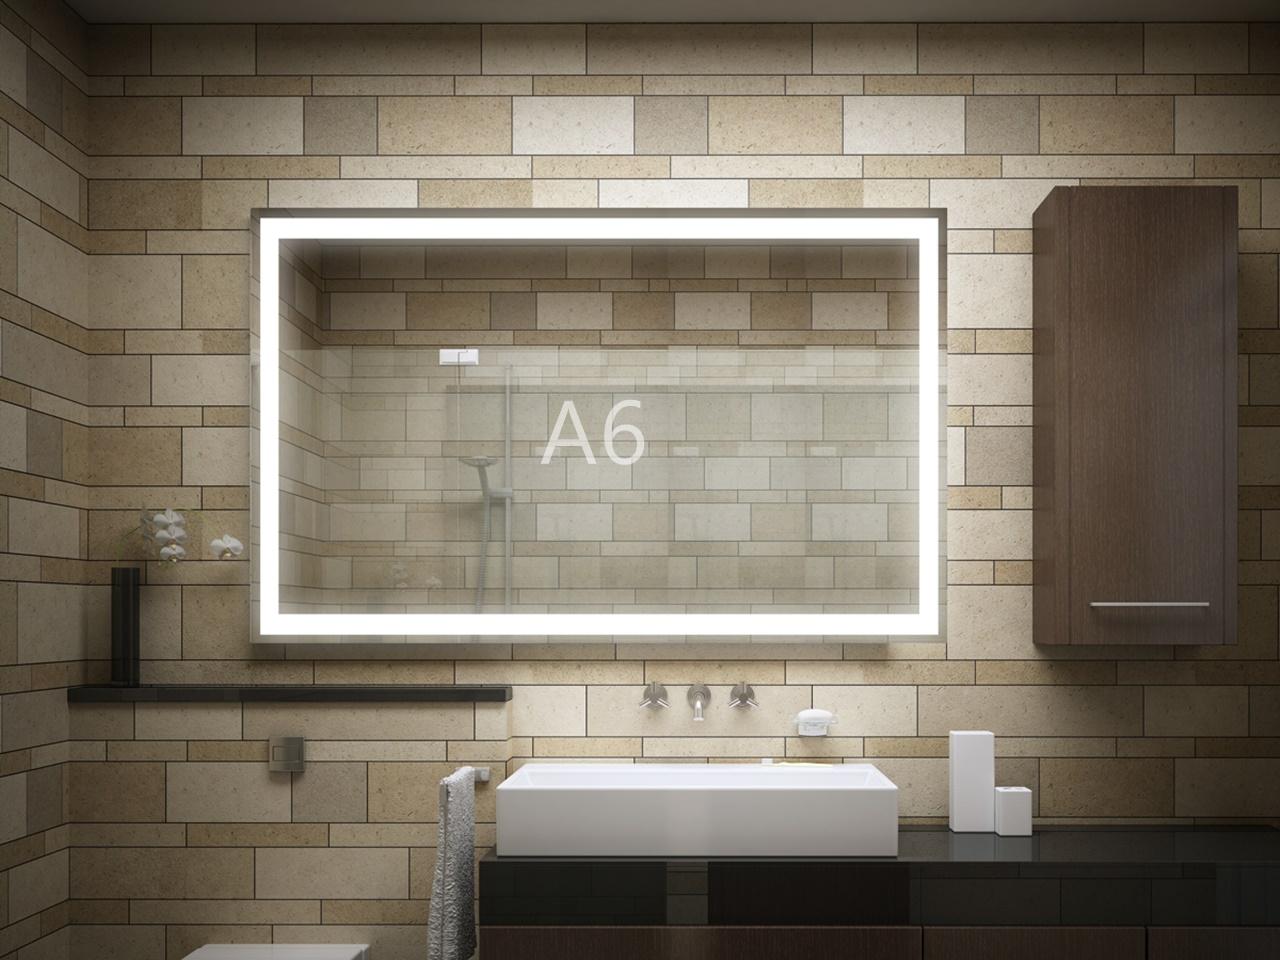 Projekty łazienek 2020 lustro podświetlane